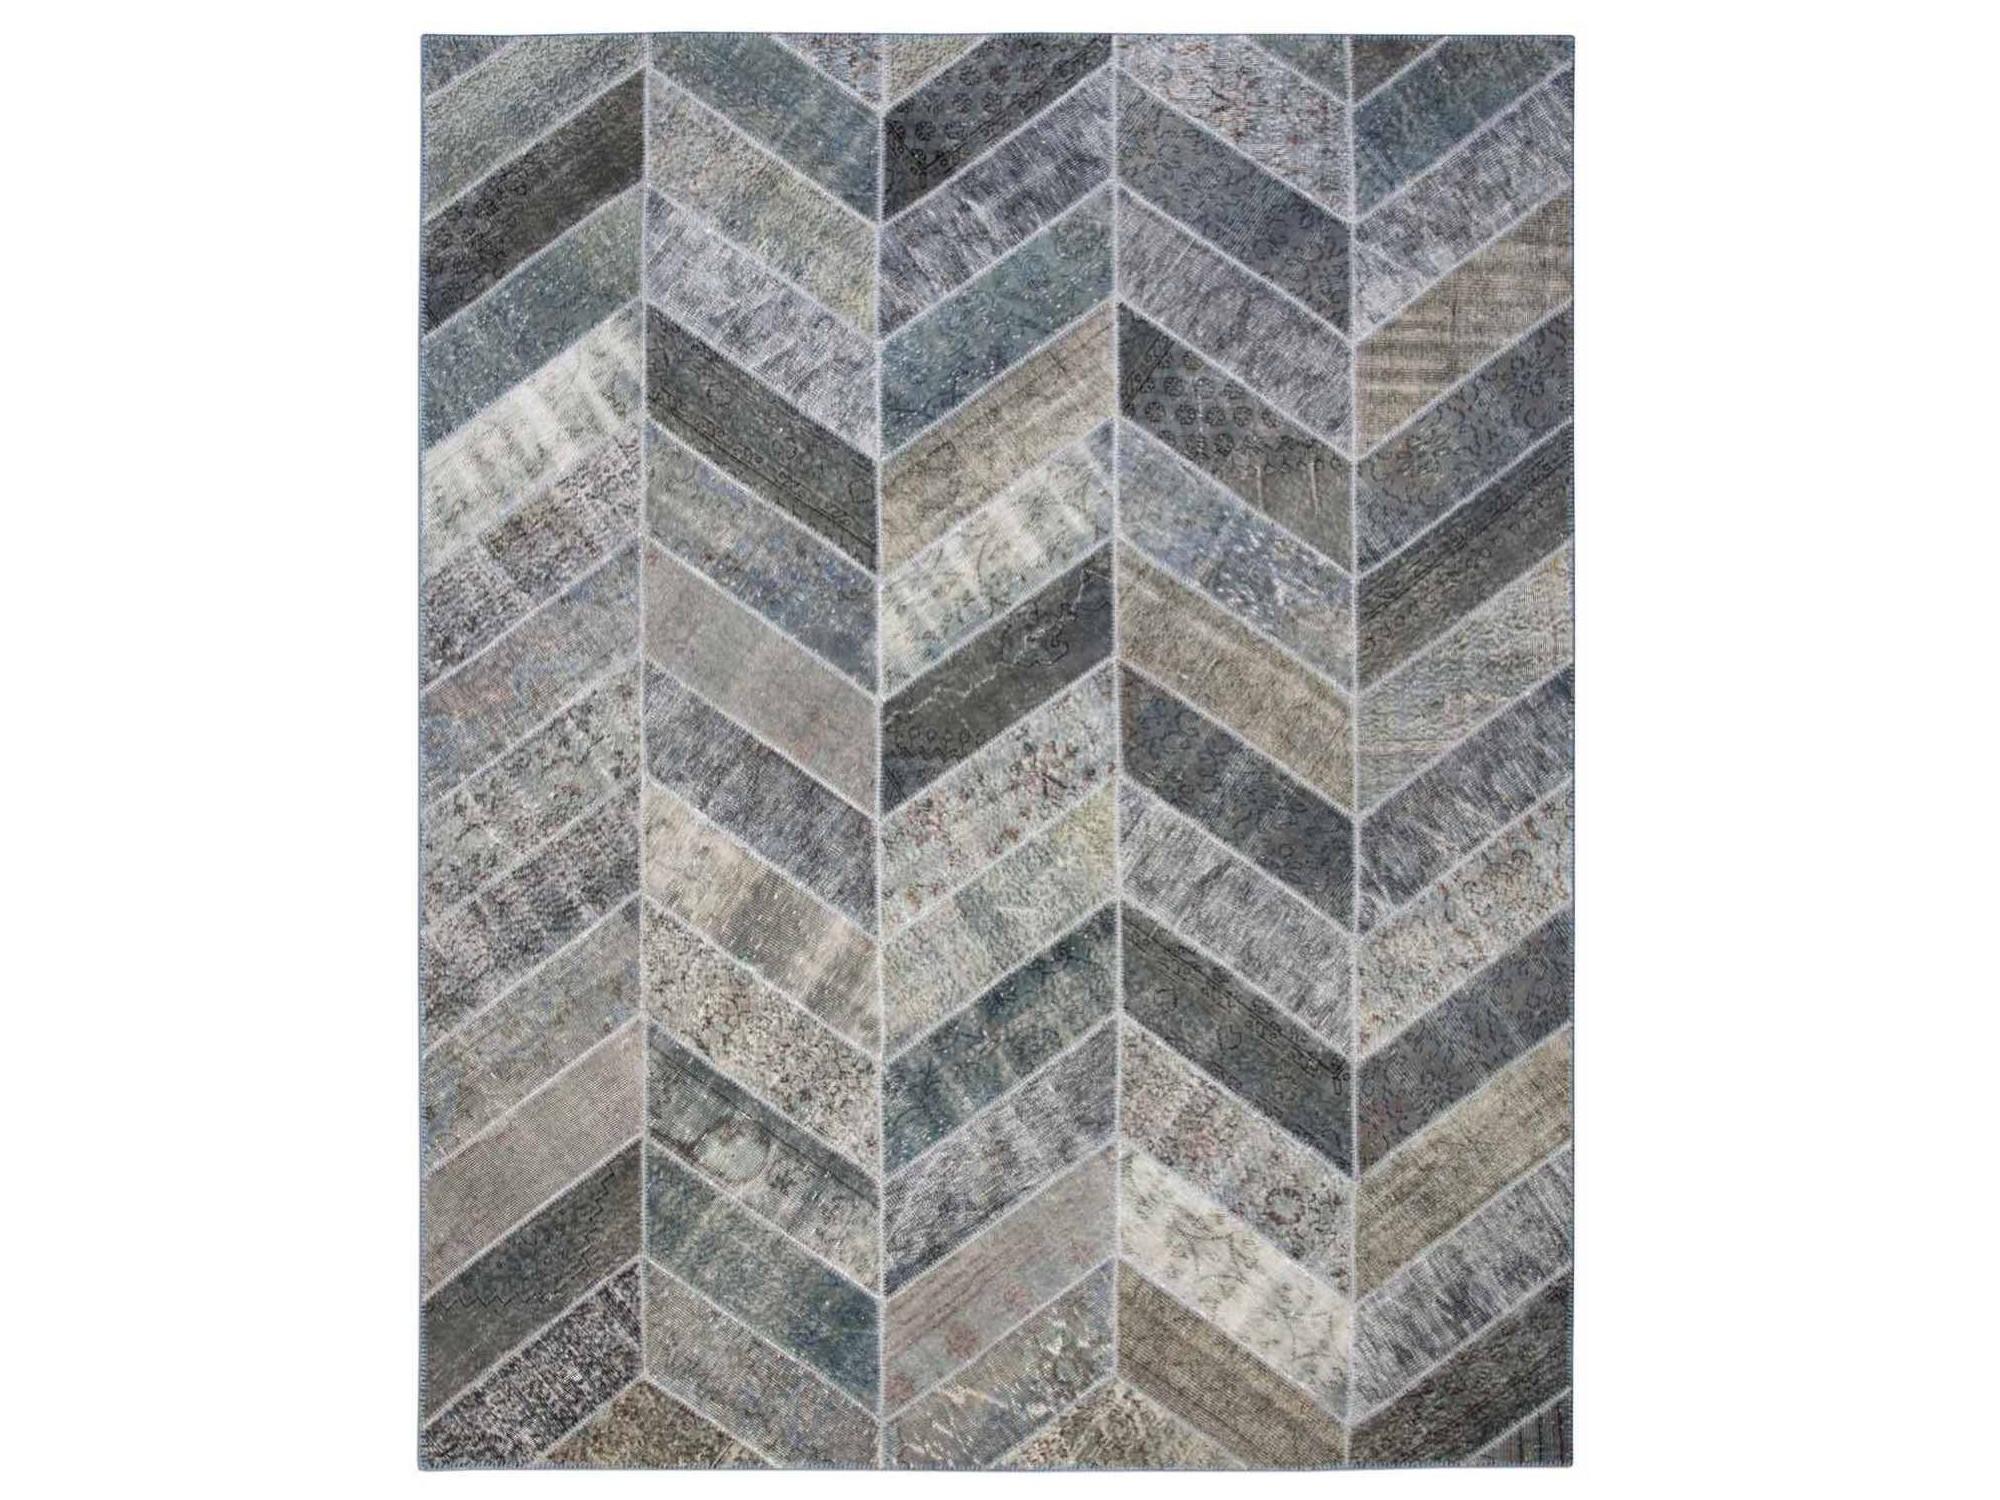 Ковер PatchworkПрямоугольные ковры<br>Винтажный ковер ручной работы в стиле &amp;quot;пэчворк&amp;quot; <br>из 100% шерсти. Ковер прекрасно подходит в <br>любые современные и классические интерьеры, <br>а благодаря толщине ковра всего 5 мм. и отсутствию <br>ворса, его легко чистить любыми видами пылесосов. <br>Этот настоящий ковер ручной работы не потеряет <br>своих красок и будет служить десятилетия.<br><br>Material: Шерсть<br>Ширина см: 247<br>Глубина см: 309